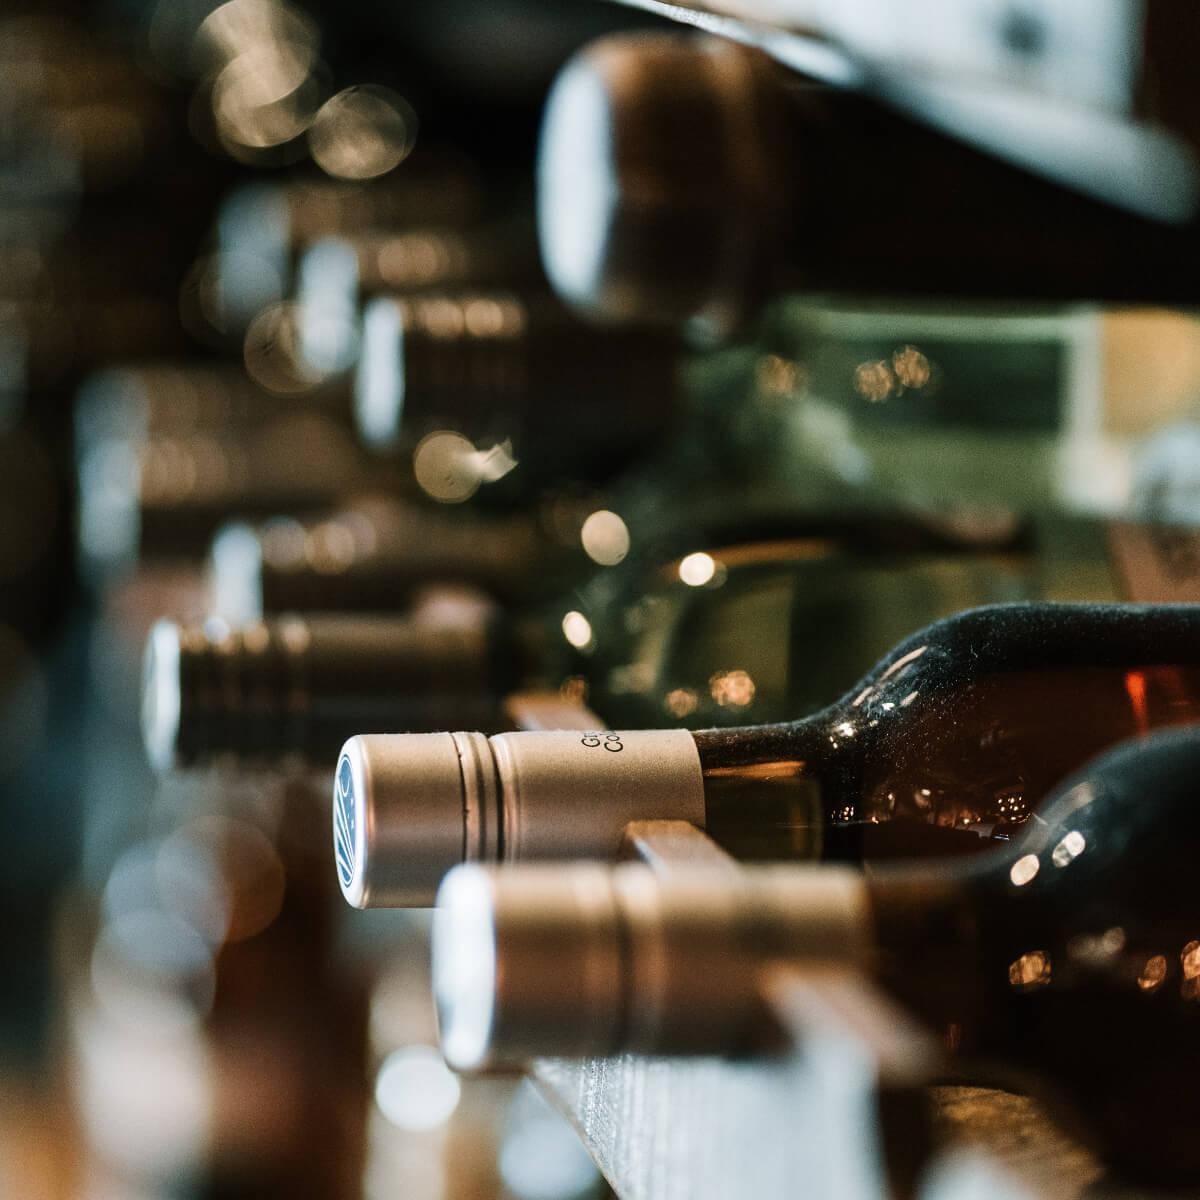 Ecommerce di vini? Scopri le soluzioni per spedire le bottiglie a basso costo